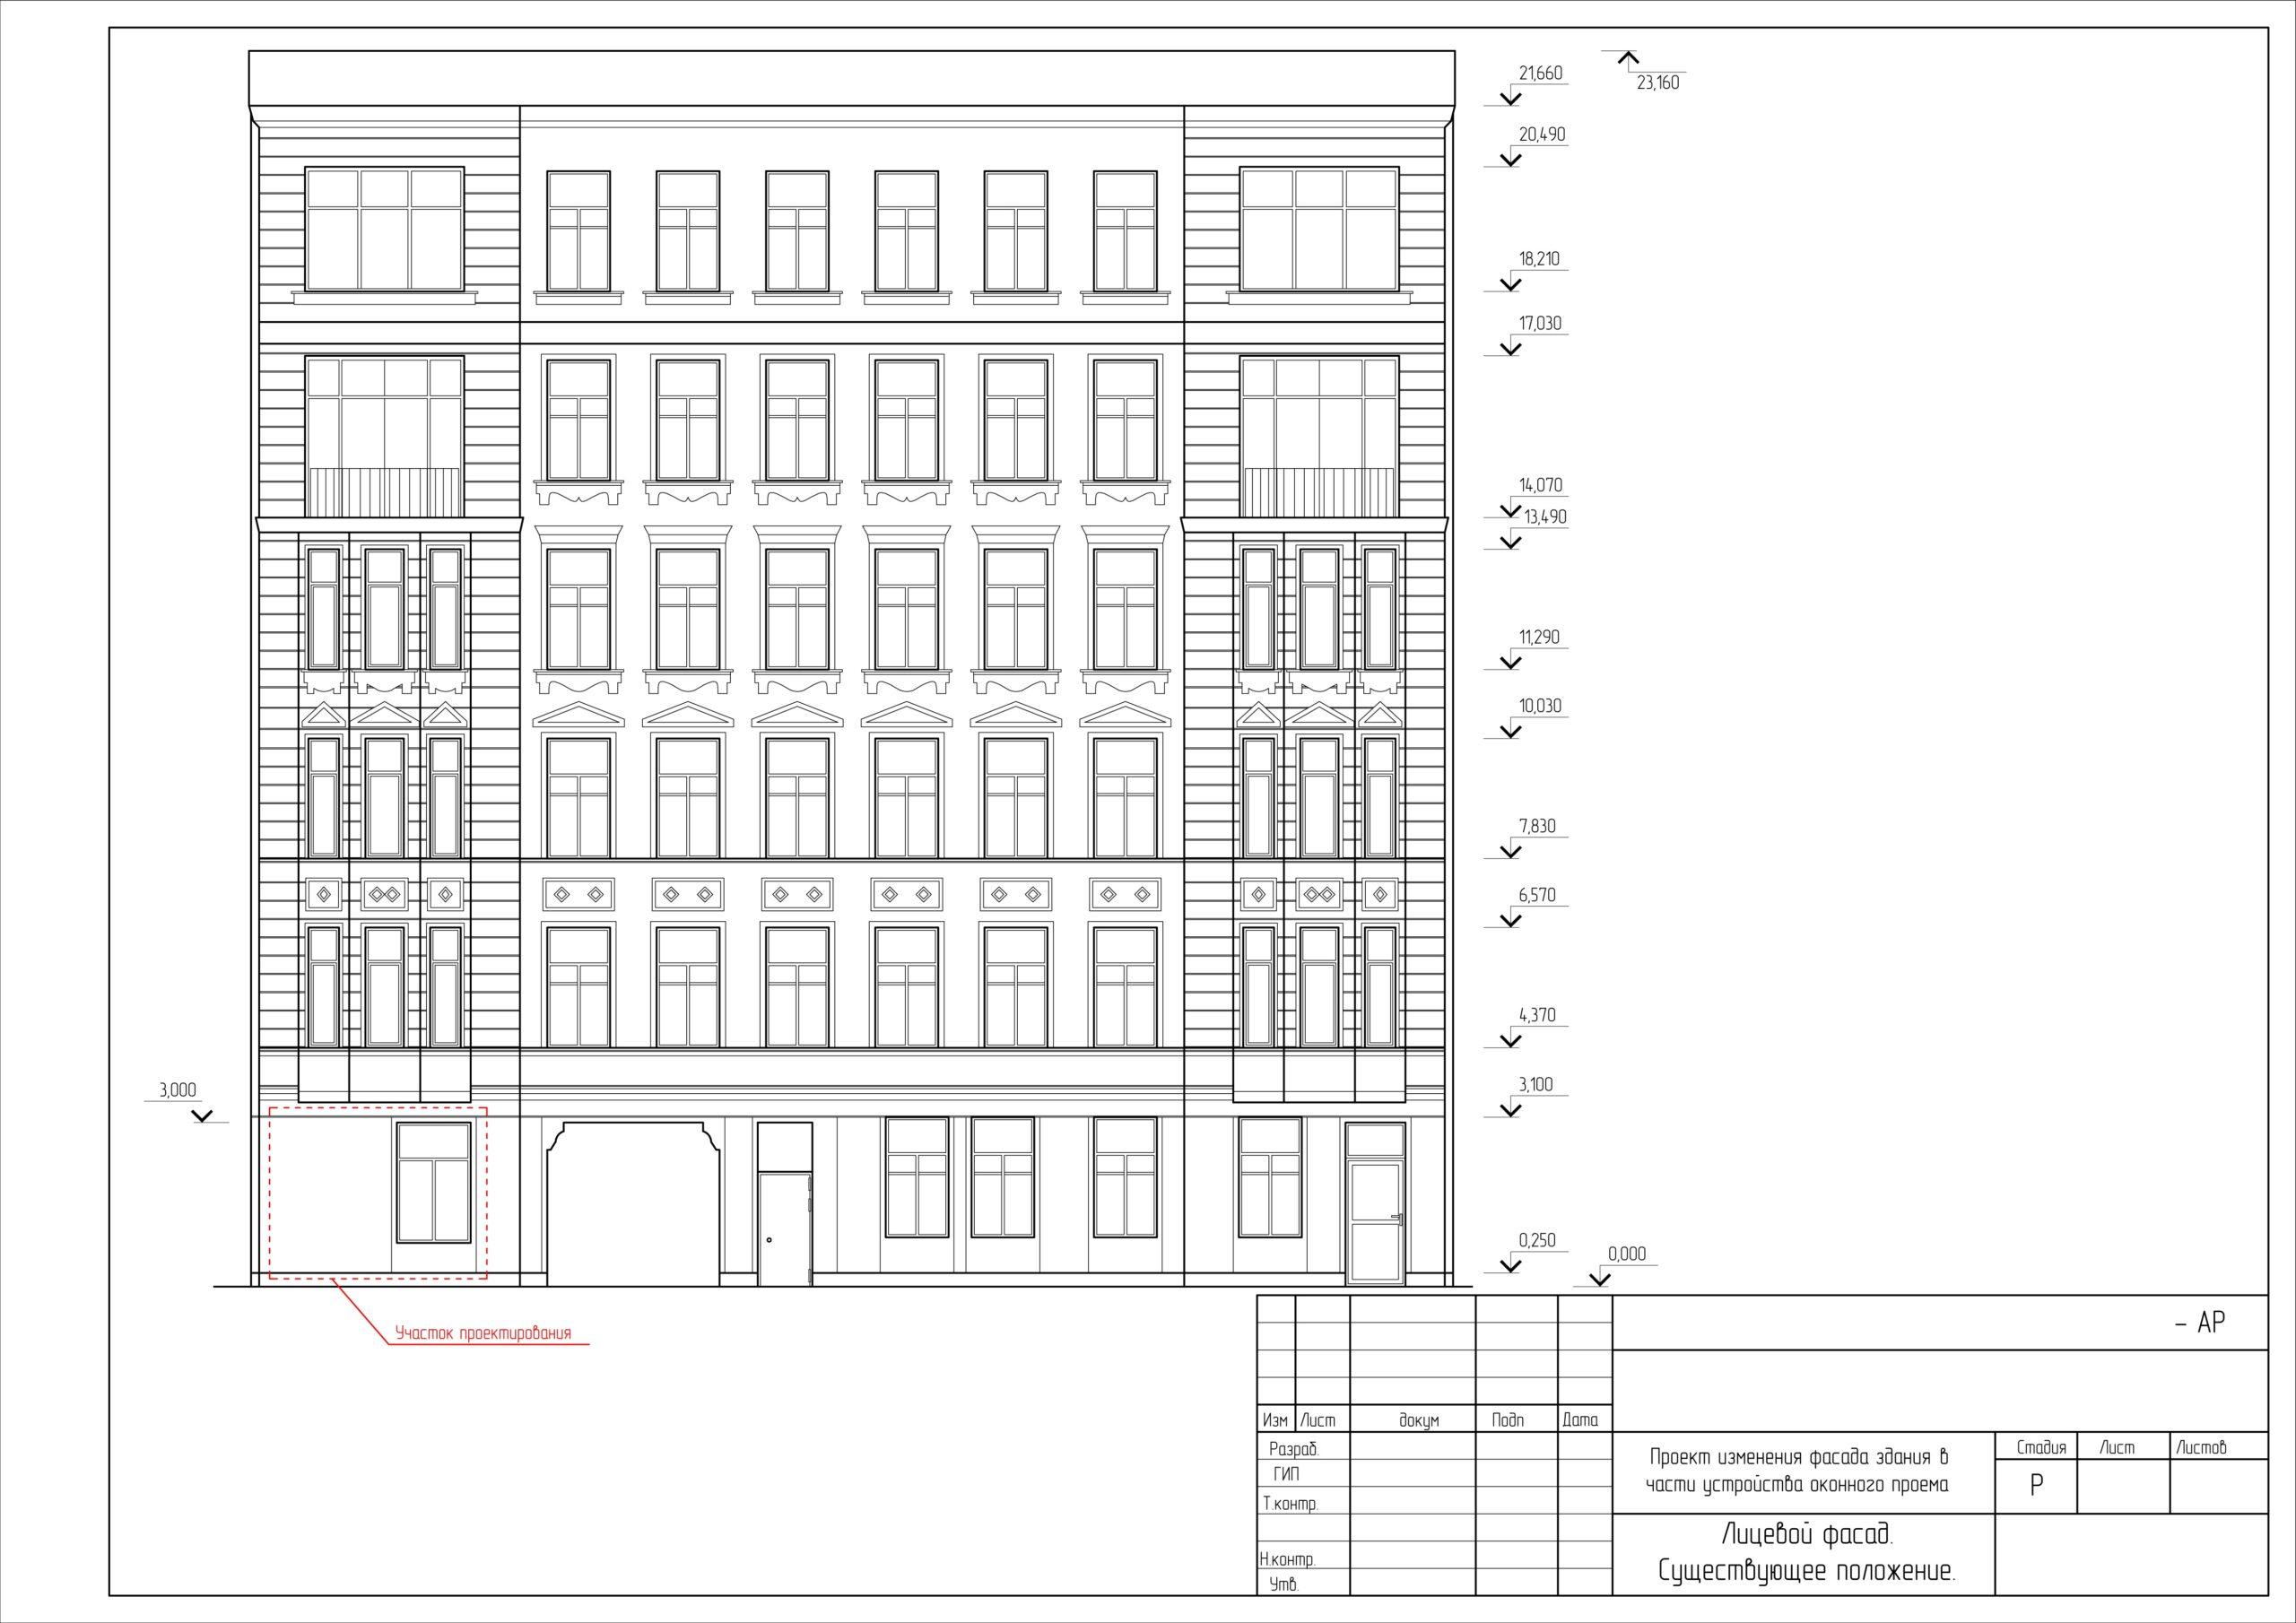 Новые оконные проемы меняют внешний облик и характеристики фасада. Поэтому такие работы нужно согласовать.